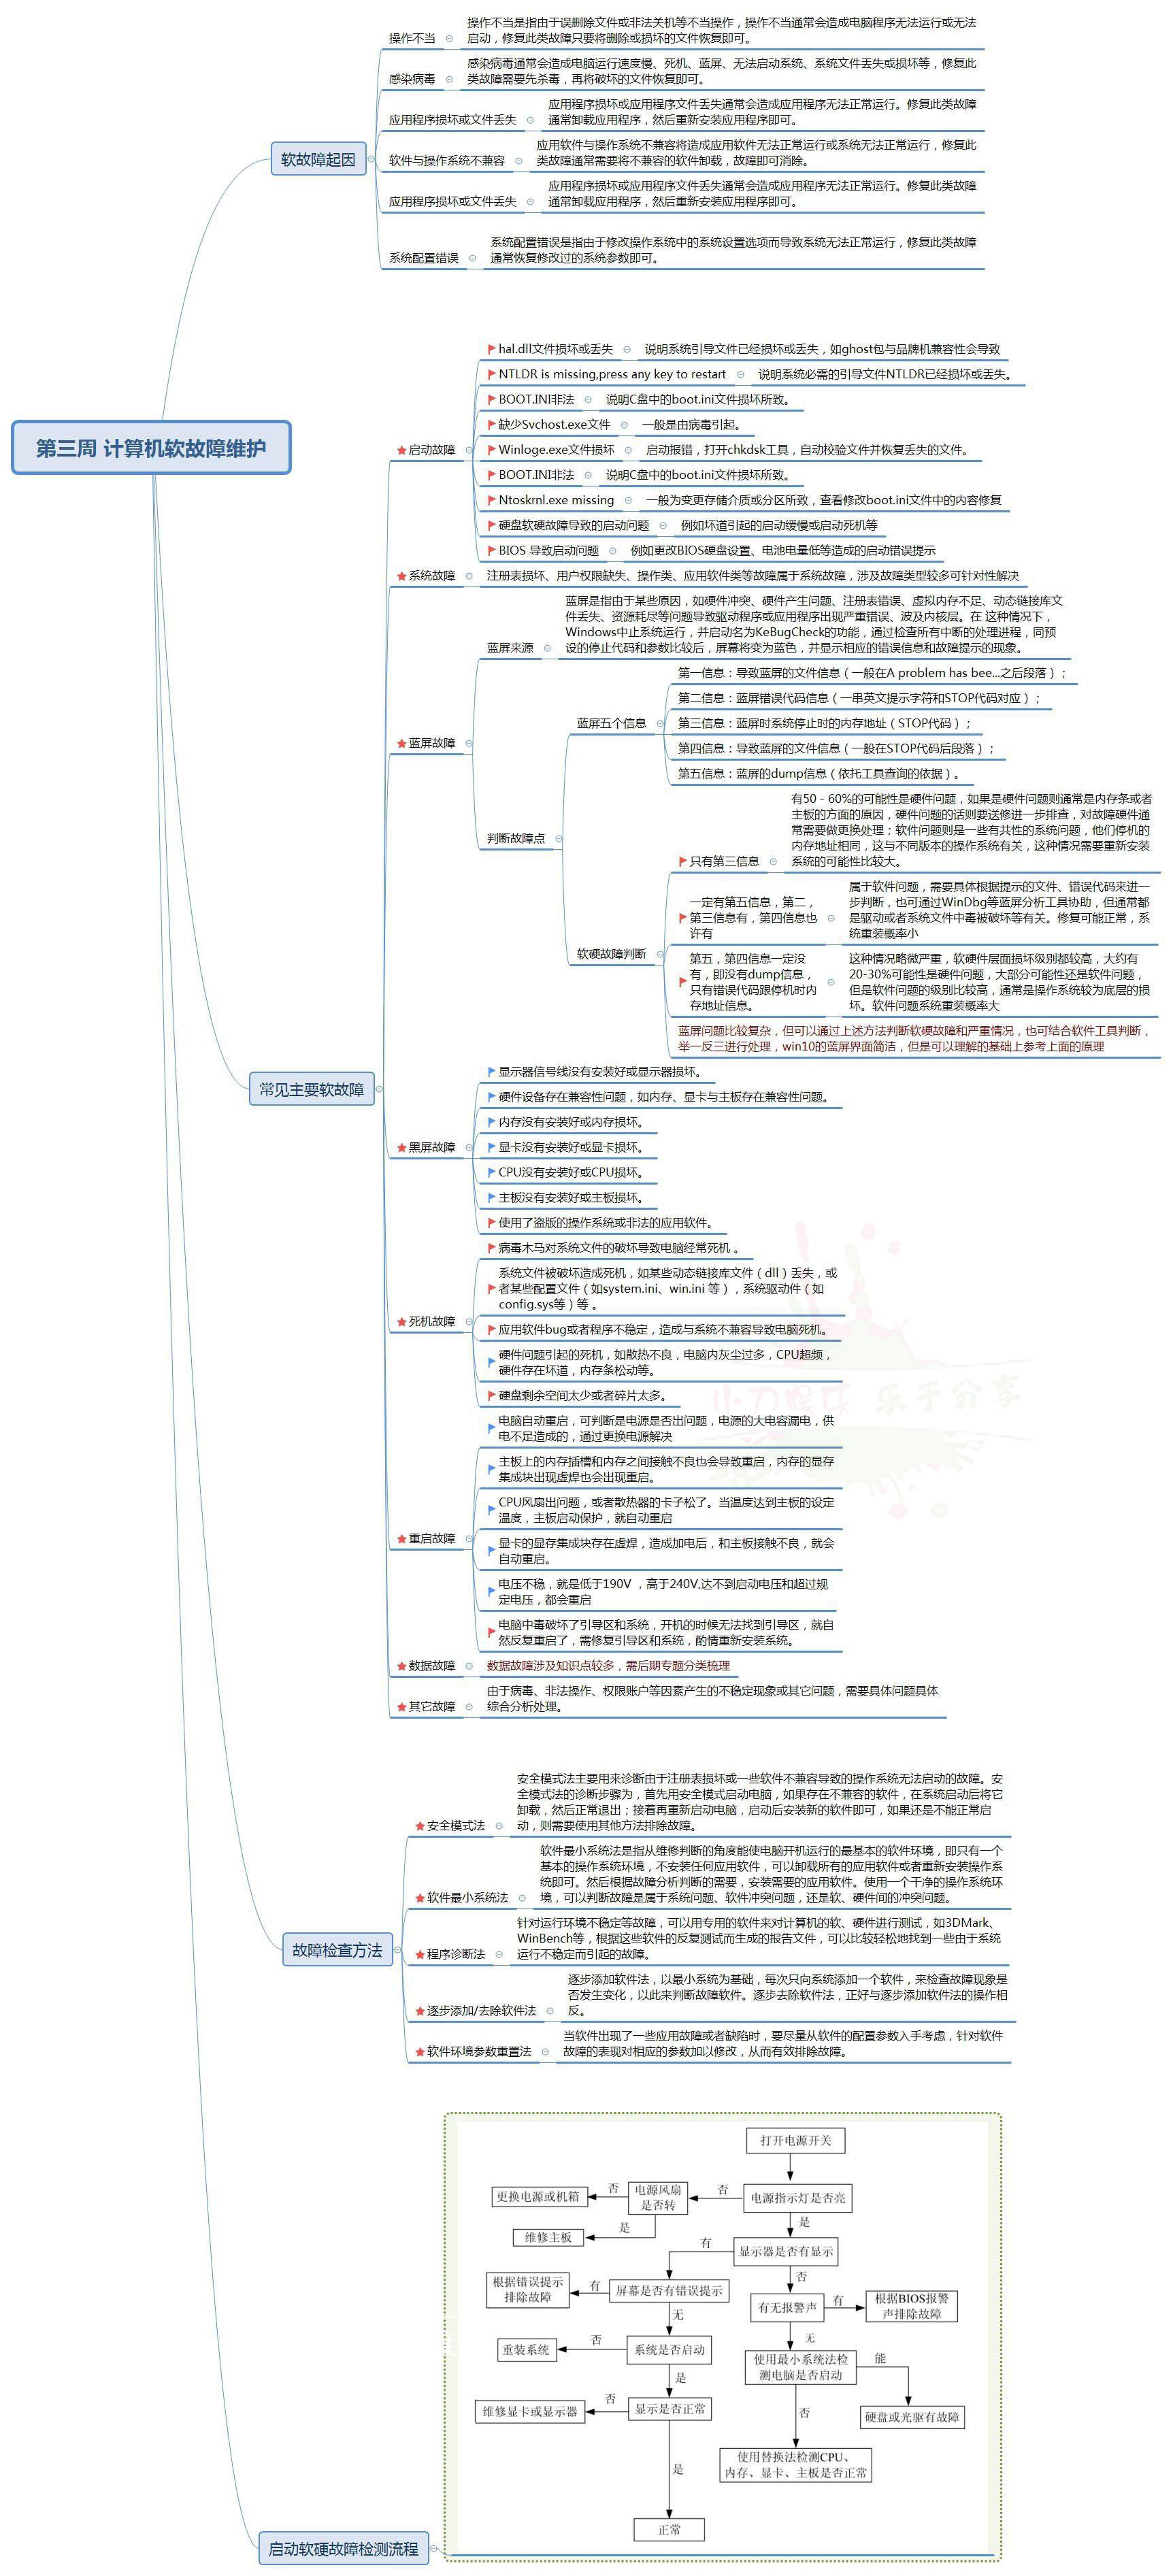 [小知识]一张图让你秒懂电脑故障知识